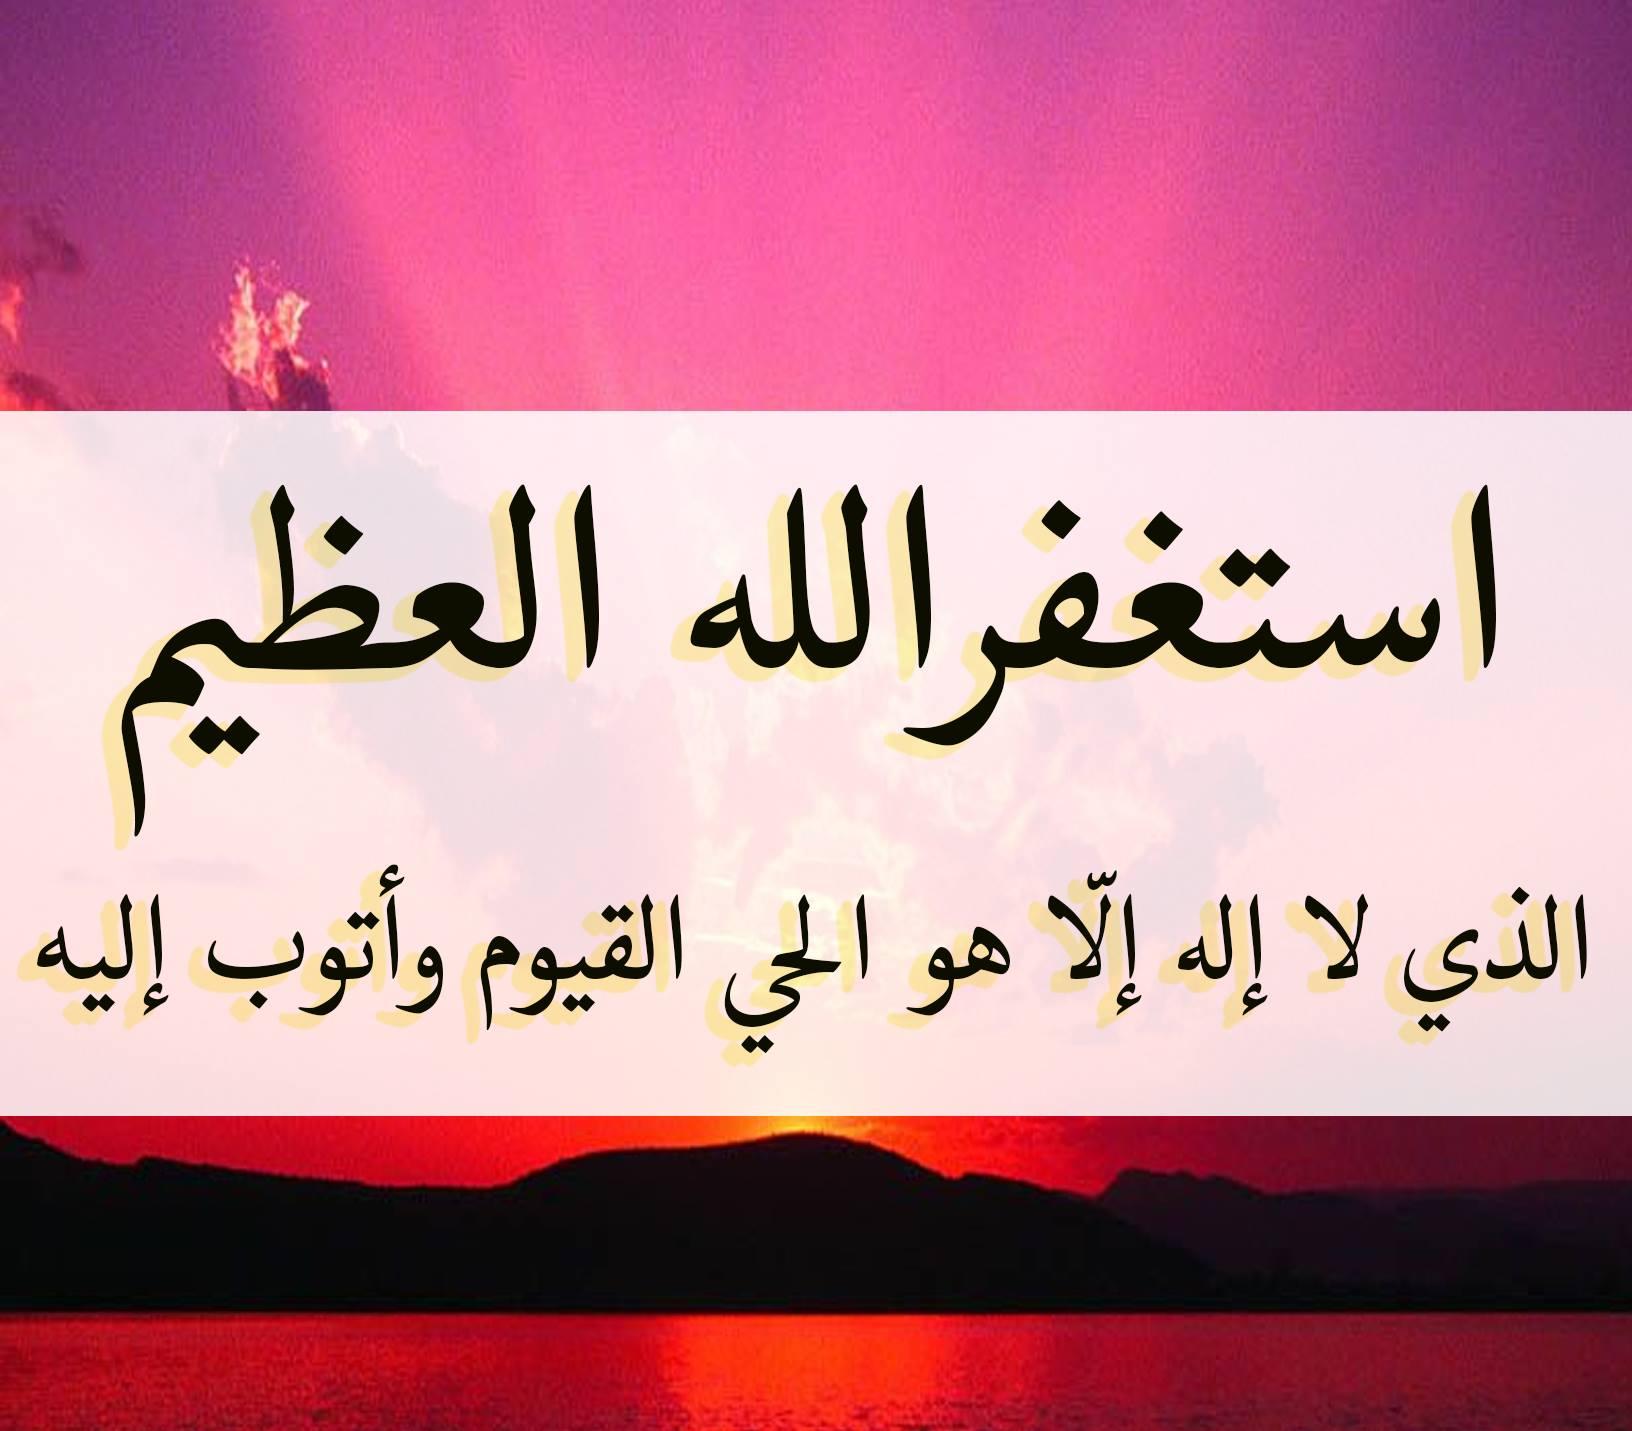 صورة اجمل الصور والعبارات الدينية , ادعيه و ثناء لله تعالى